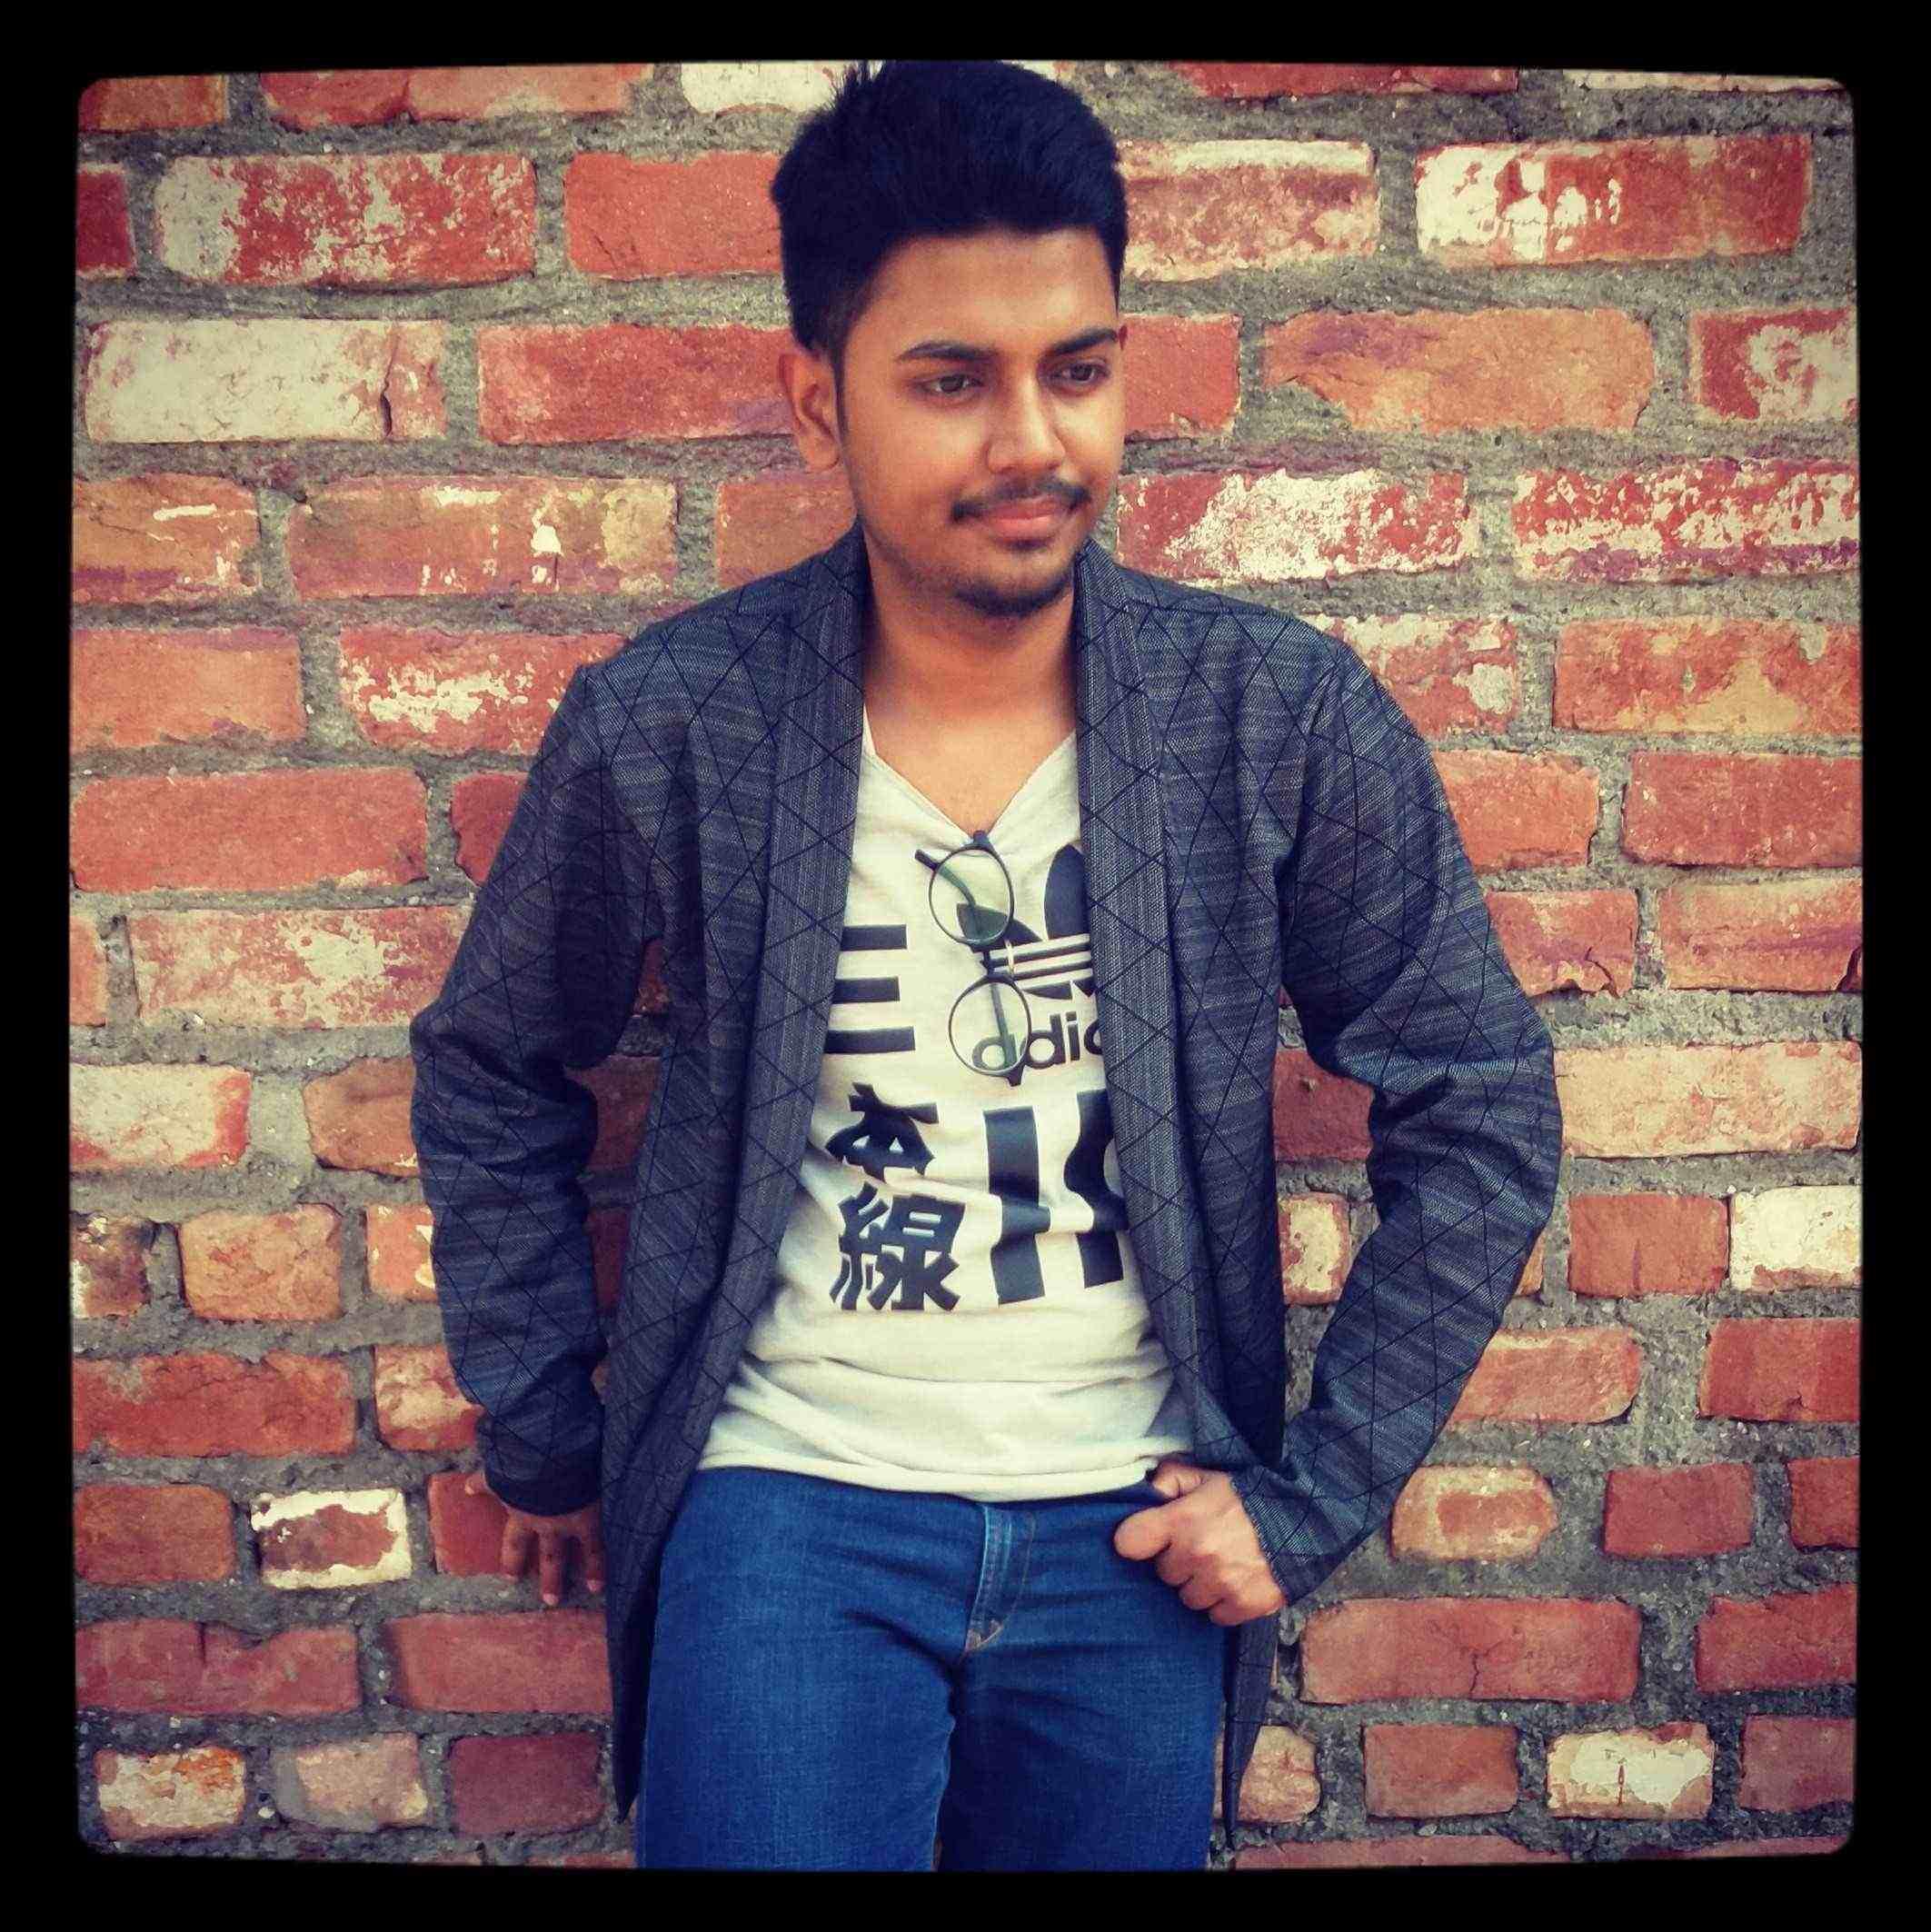 Priyam Varshney